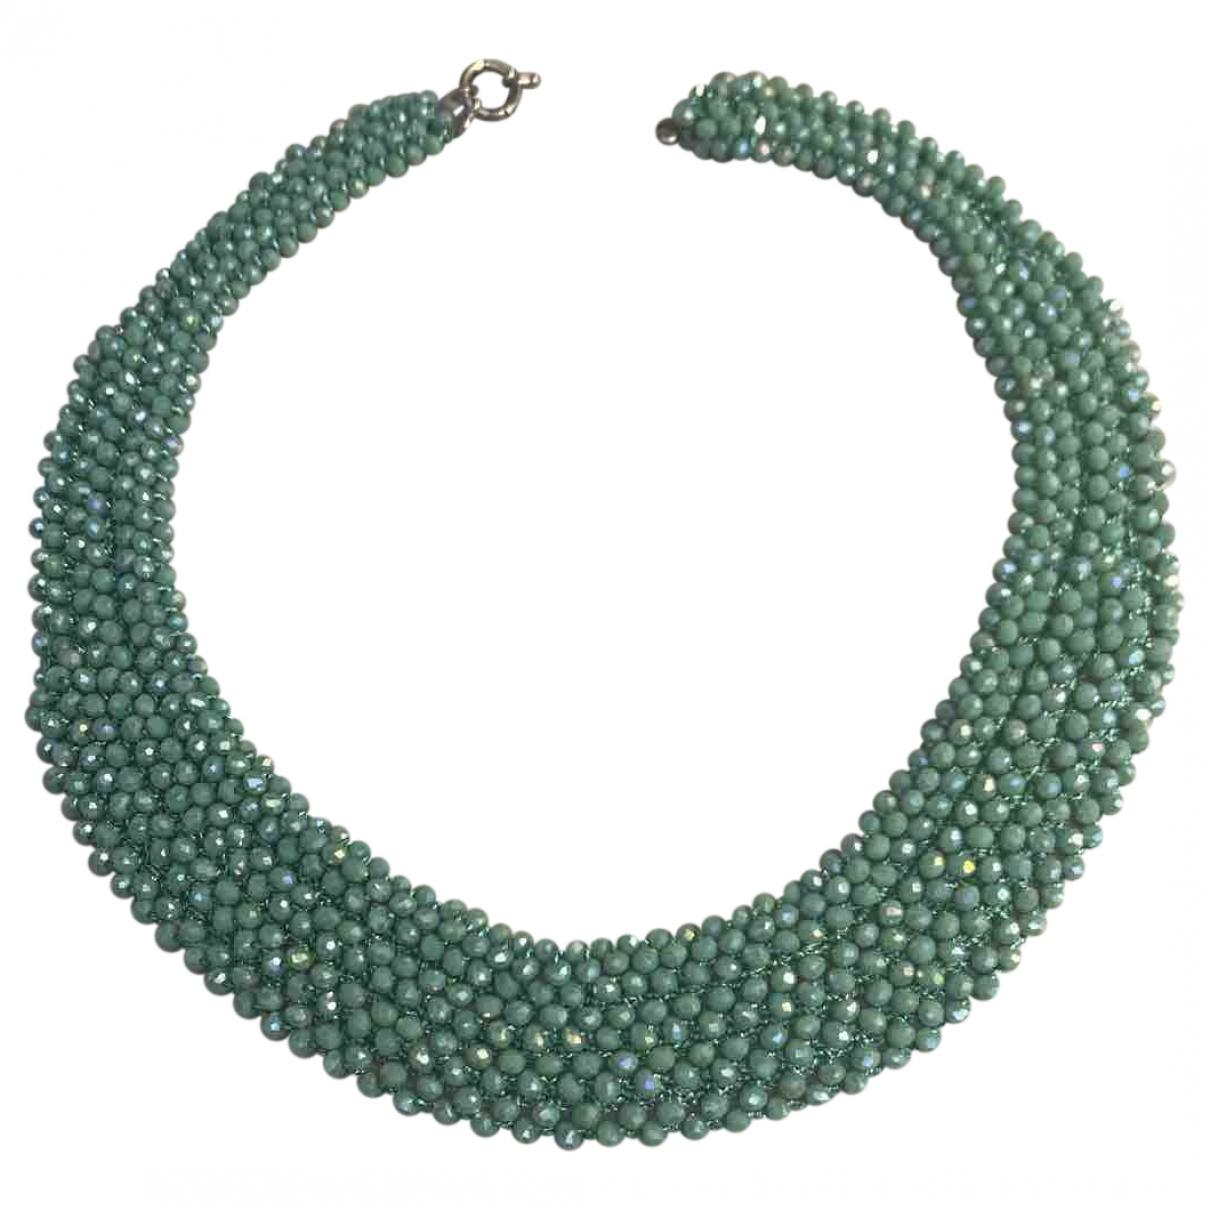 Collar Turquoises Non Signe / Unsigned